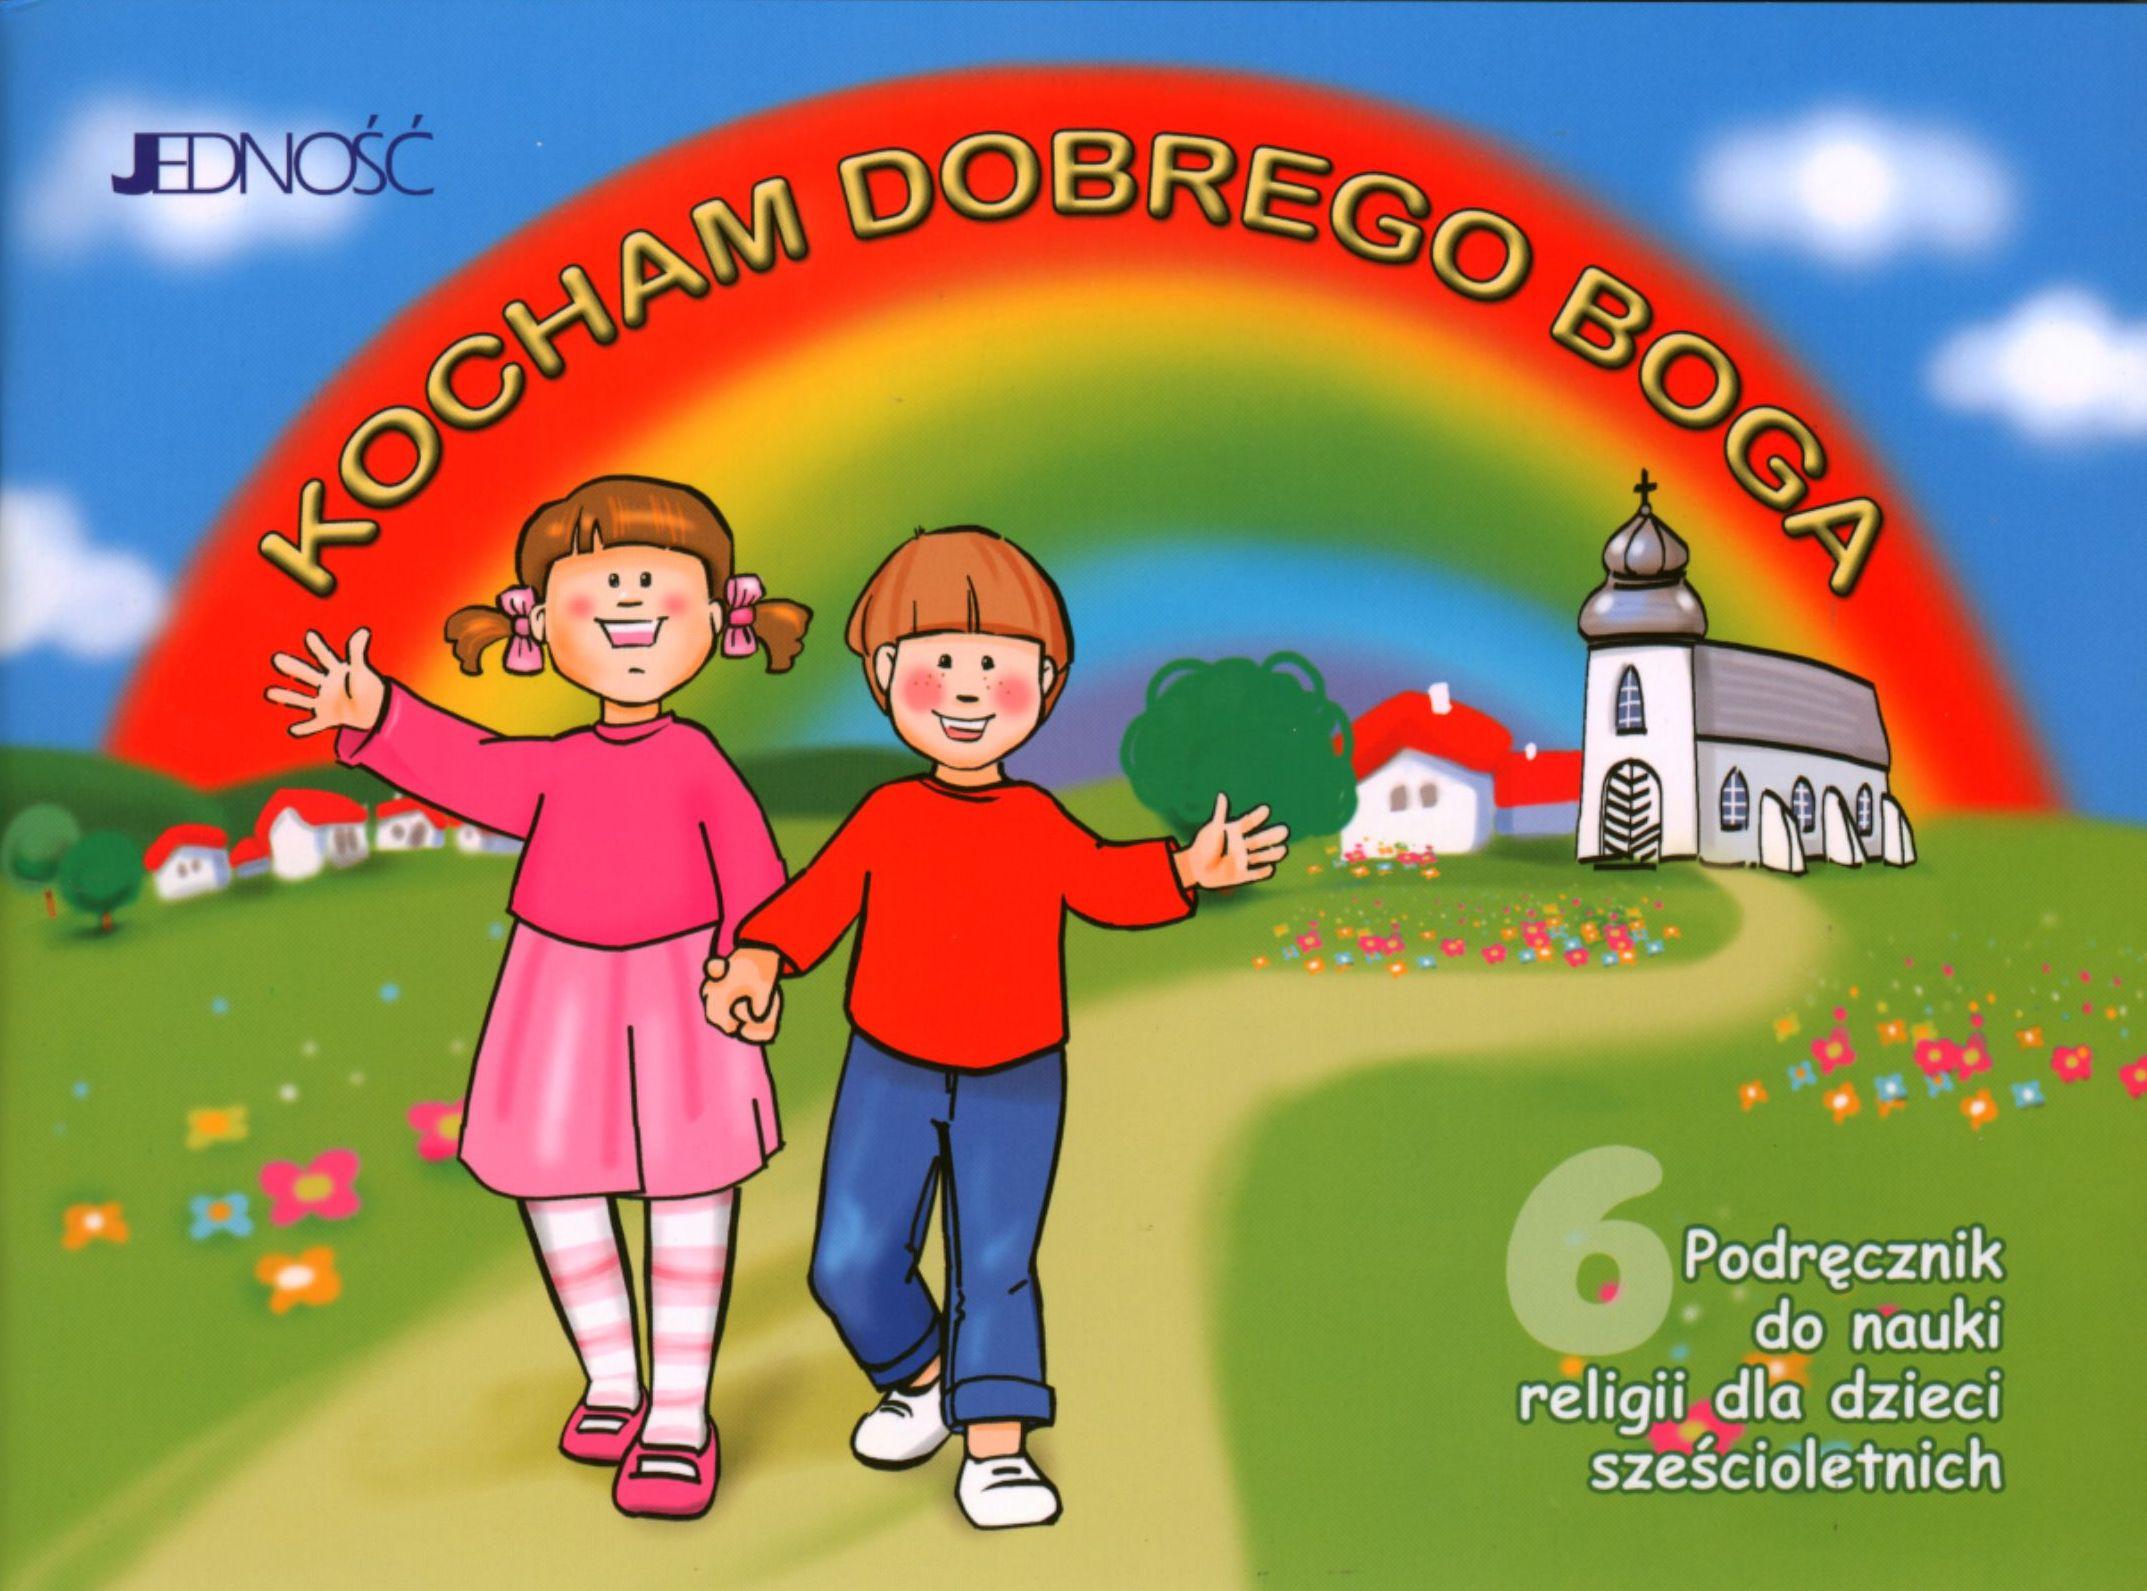 Katechizm 6-latka. Kocham Dobrego Boga. Podręcznik